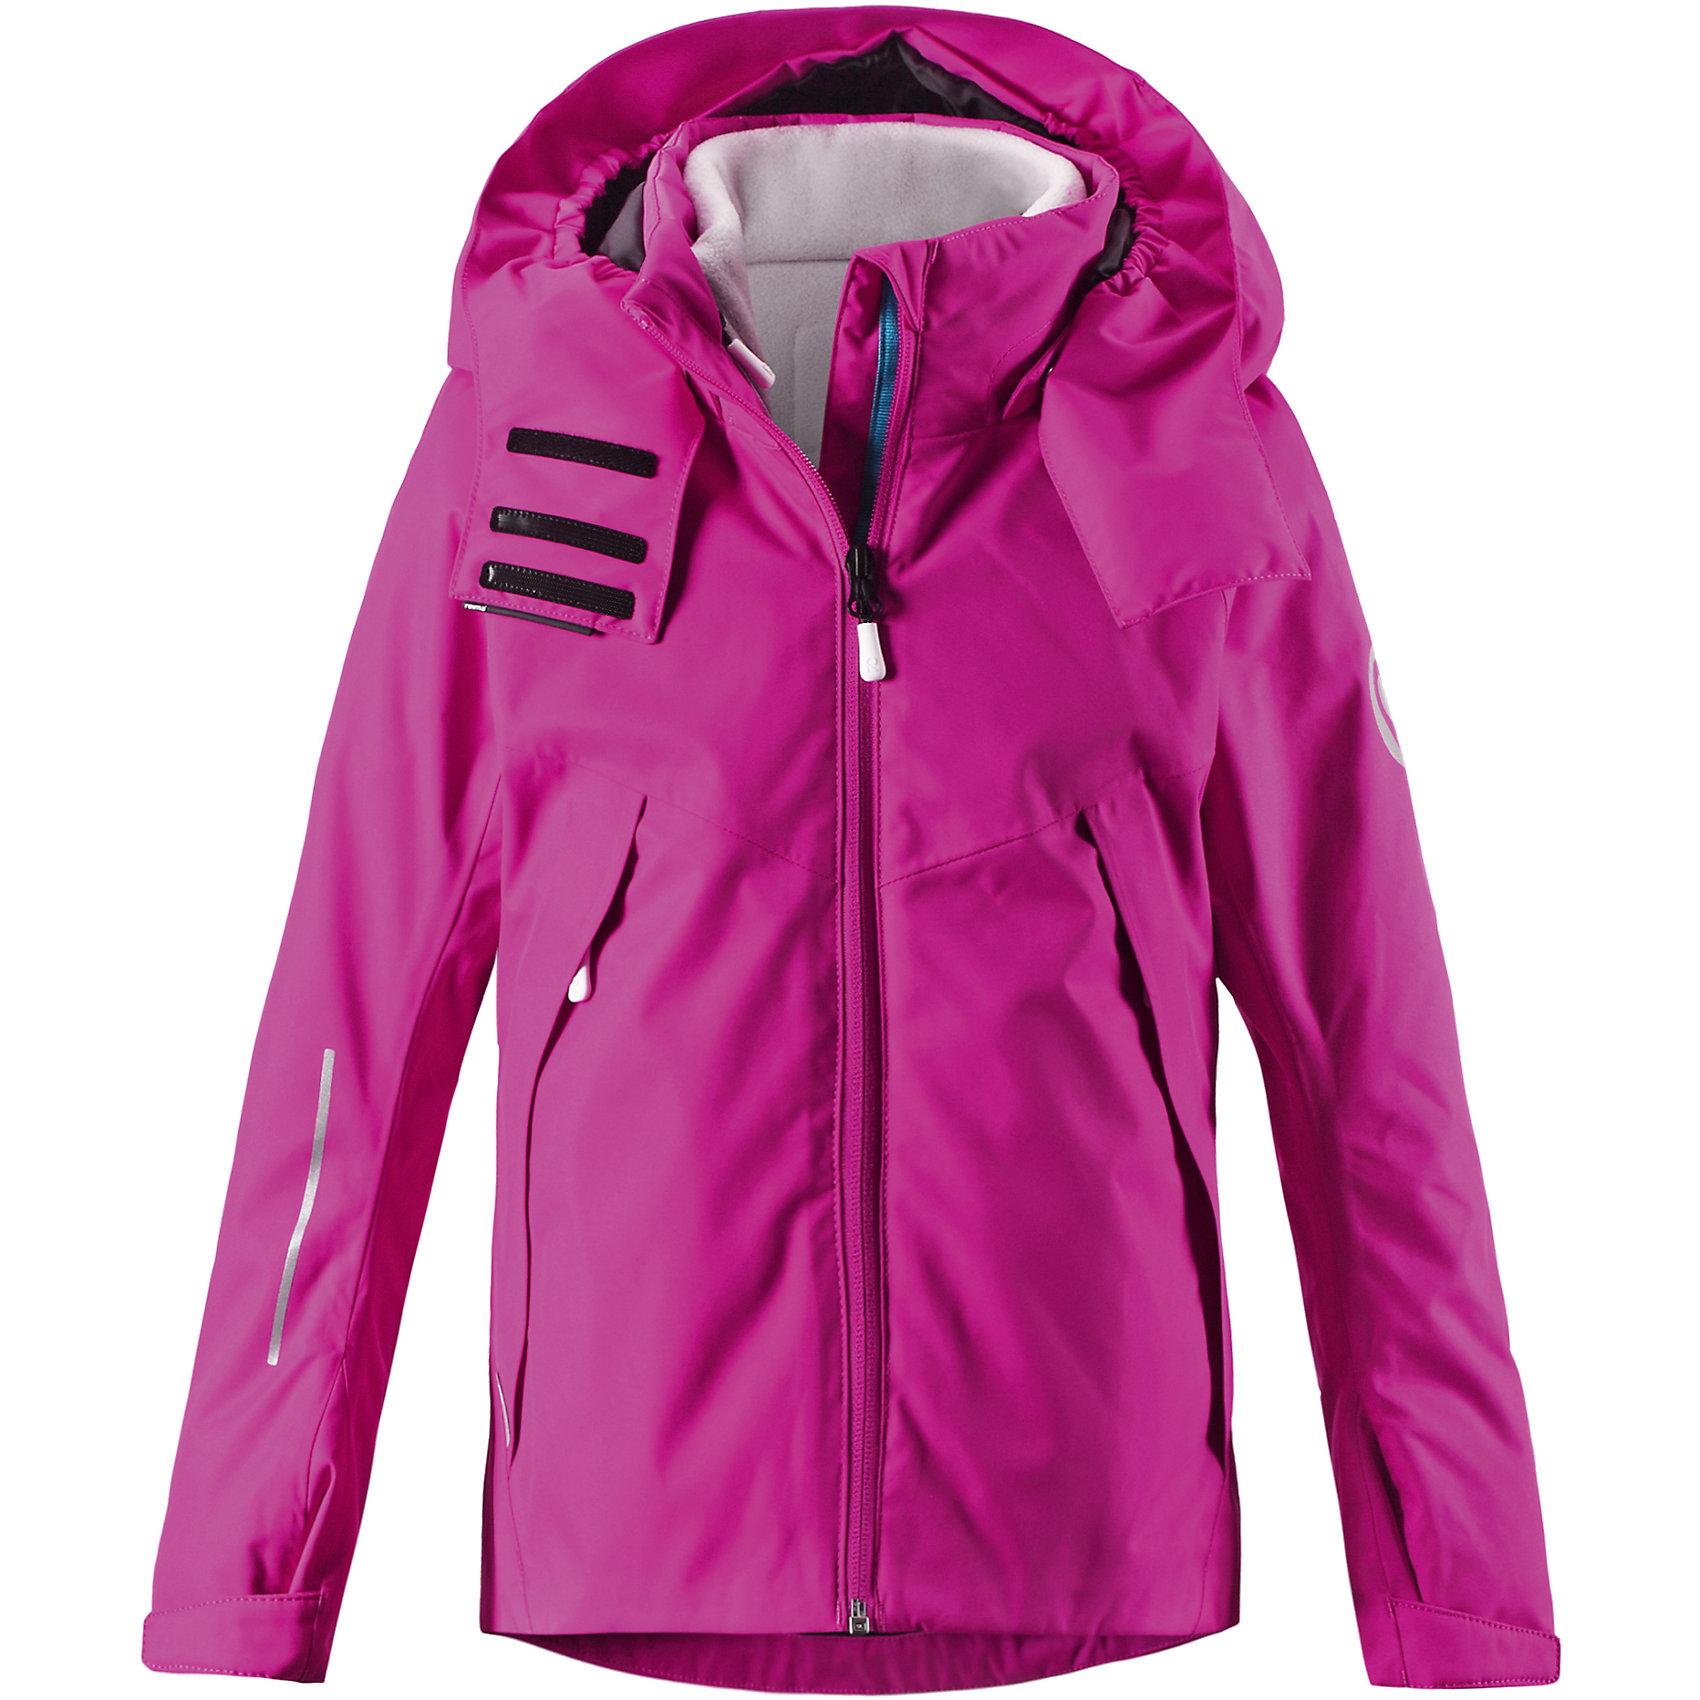 Куртка Vaellus для девочки Reimatec® ReimaКуртка для девочки от финского бренда Reimatec® Reima.<br>Куртка для подростков. Все швы проклеены и водонепроницаемы. Водо- и ветронепроницаемый, «дышащий» и грязеотталкивающий материал. Внутренняя отстегивающаяся флисовая куртка. Гладкая подкладка из полиэстра. Безопасный, отстегивающийся и регулируемый капюшон. Регулируемый манжет на липучке. Регулируемый подол. Новая усовершенствованная молния — больше не застревает!. Карманы на молнии.<br>Рекомендация по уходу:<br>Стирать по отдельности, вывернув наизнанку. Застегнуть молнии и липучки. Стирать моющим средством, не содержащим отбеливающие вещества. Полоскать без специального средства. Во избежание изменения цвета изделие необходимо вынуть из стиральной машинки незамедлительно после окончания программы стирки. Можно сушить в сушильном шкафу или центрифуге (макс. 40° C).<br>Состав:<br>100% ПЭ, ПУ-покрытие<br><br>Ширина мм: 356<br>Глубина мм: 10<br>Высота мм: 245<br>Вес г: 519<br>Цвет: розовый<br>Возраст от месяцев: 156<br>Возраст до месяцев: 168<br>Пол: Женский<br>Возраст: Детский<br>Размер: 164,104,110,116,122,128,134,140,146,152,158<br>SKU: 5087122